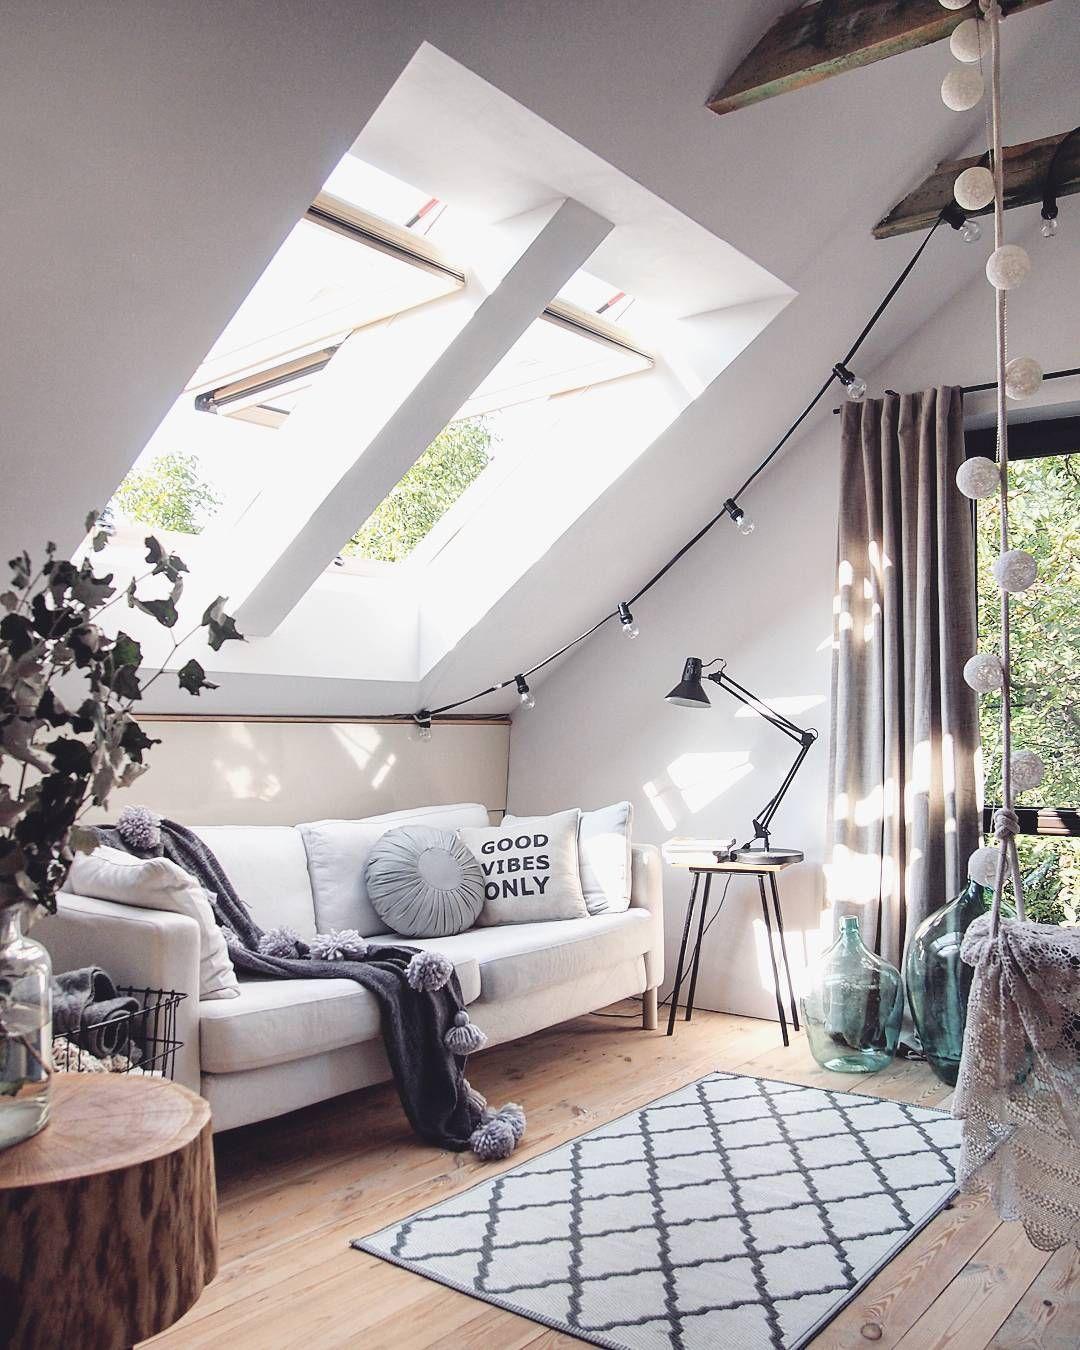 Idee per arredare il soggiorno in mansarda in modo elegante ed ...